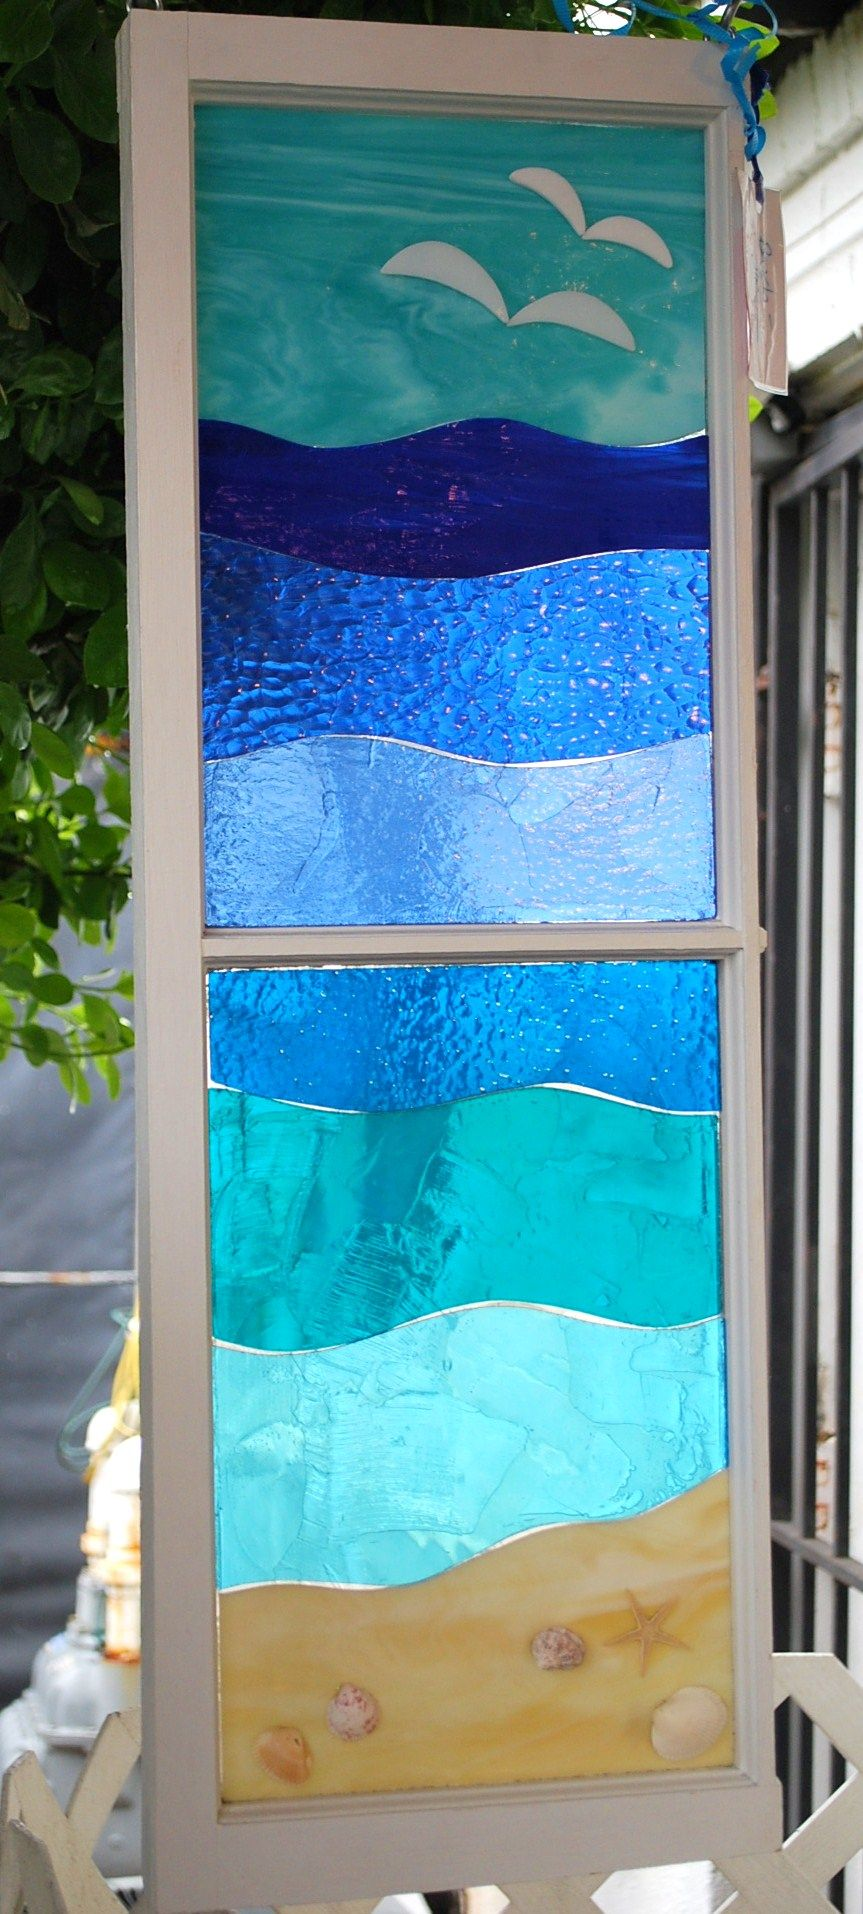 Verandas cam: farklı yollar